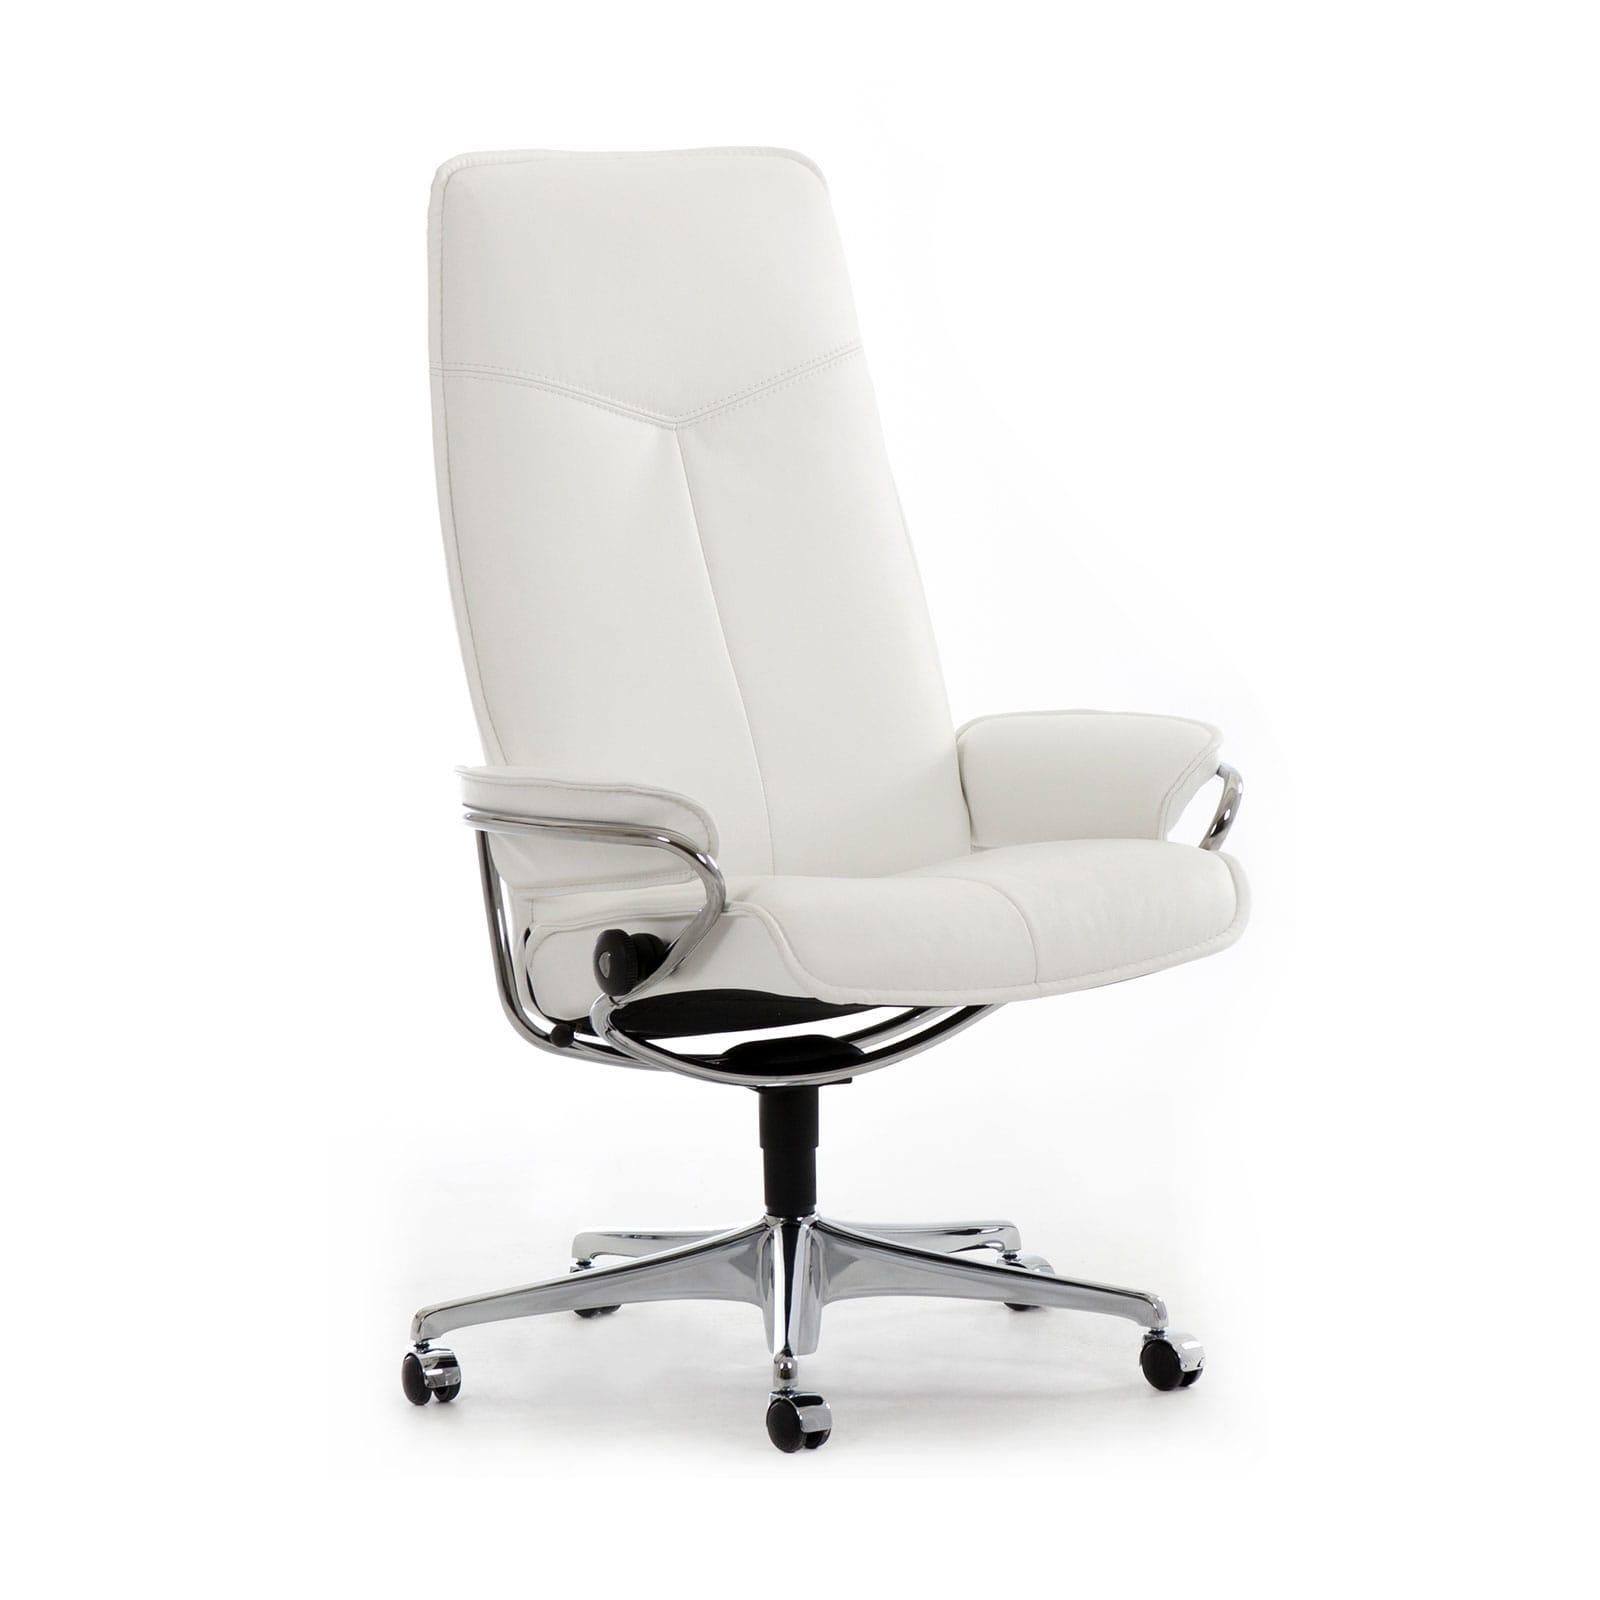 Stressless Sessel Bürostuhl City High Back M Snowchrom